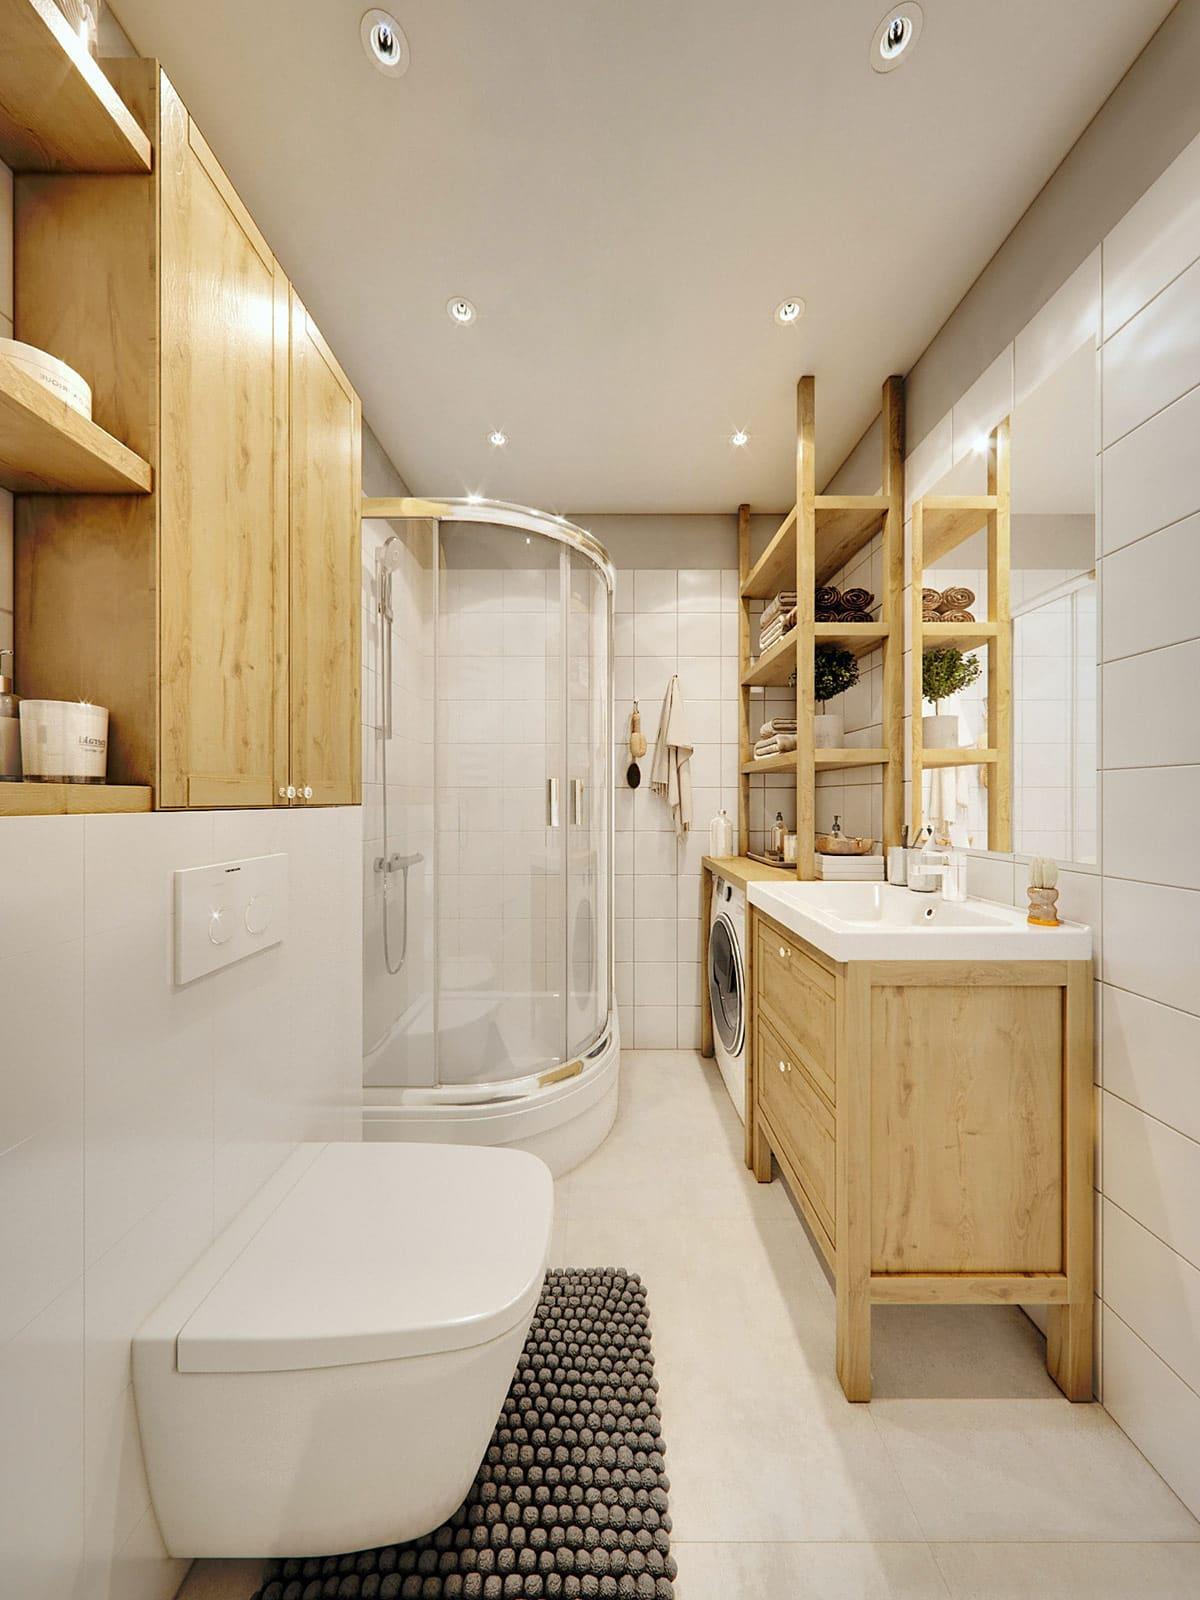 conception d'un petit appartement photo 22